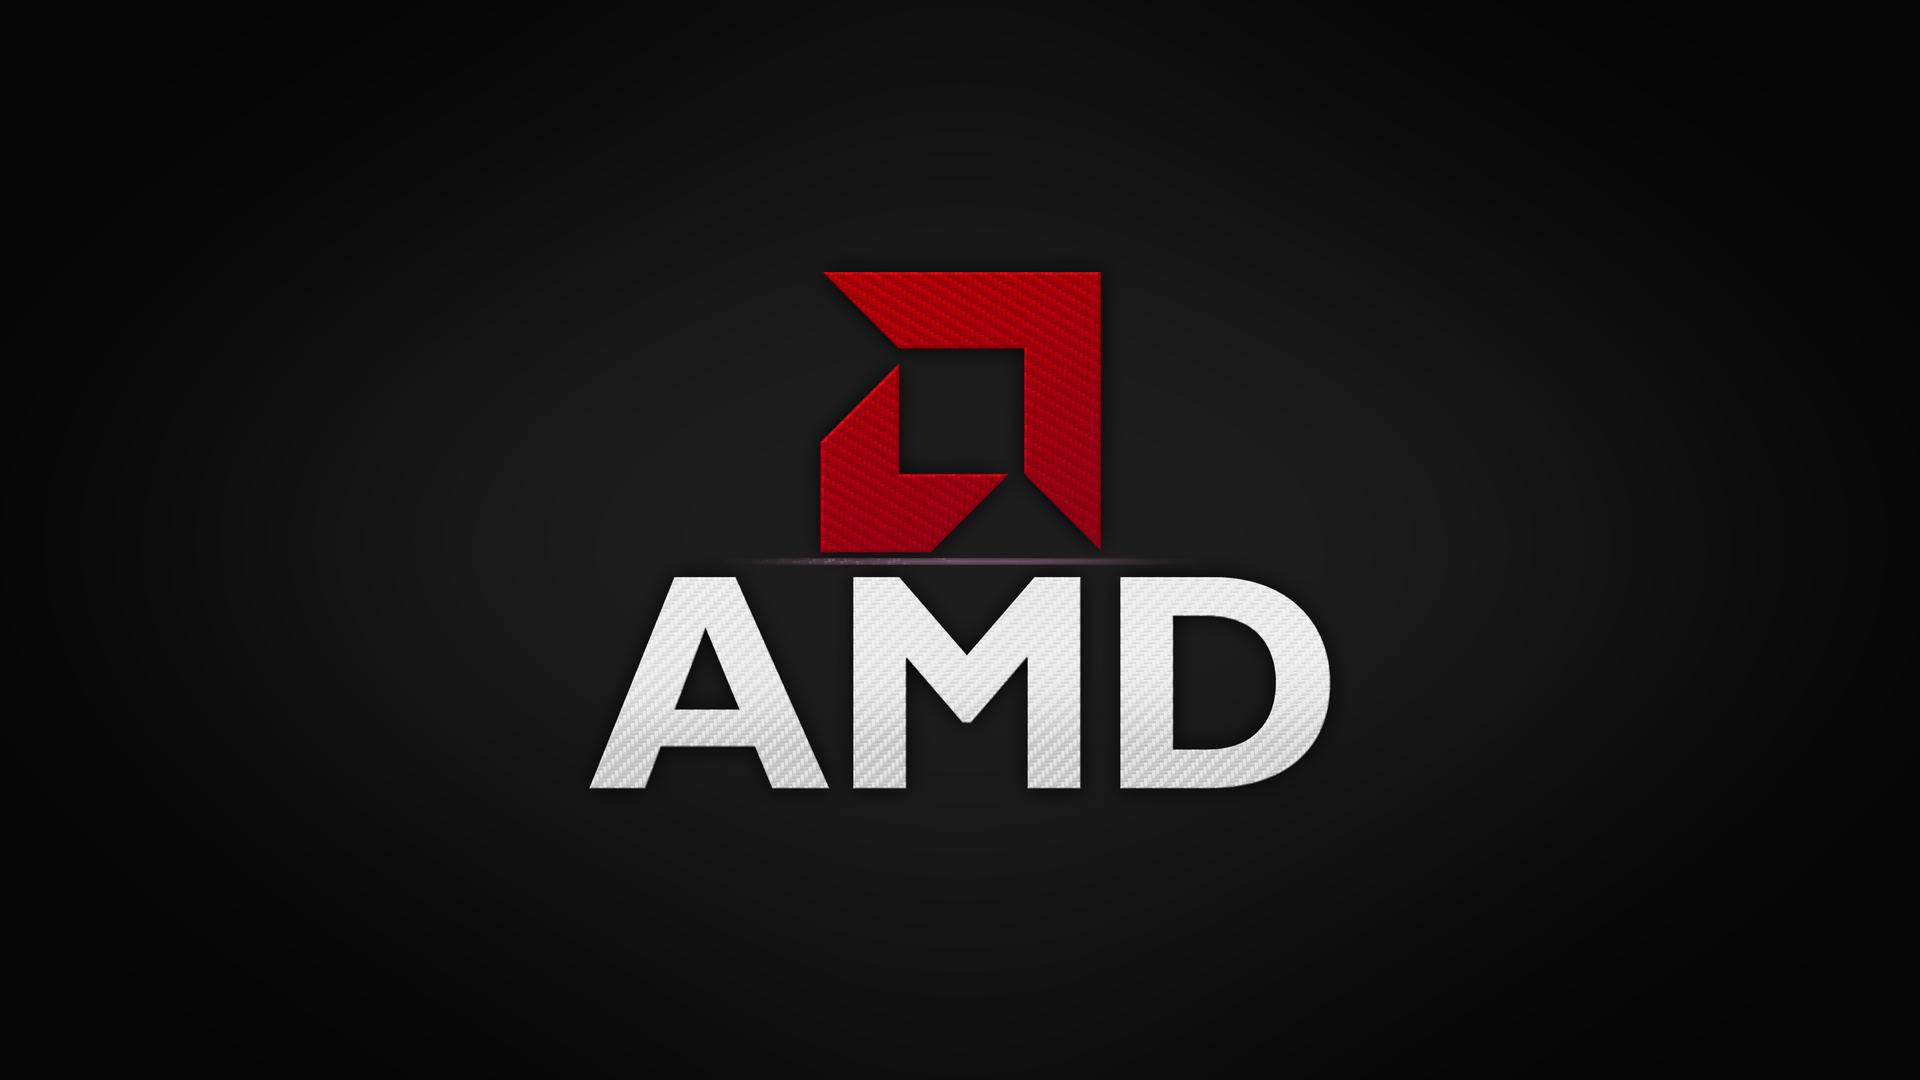 В Steam зафиксирован рост популярности процессоров AMD и Windows 10